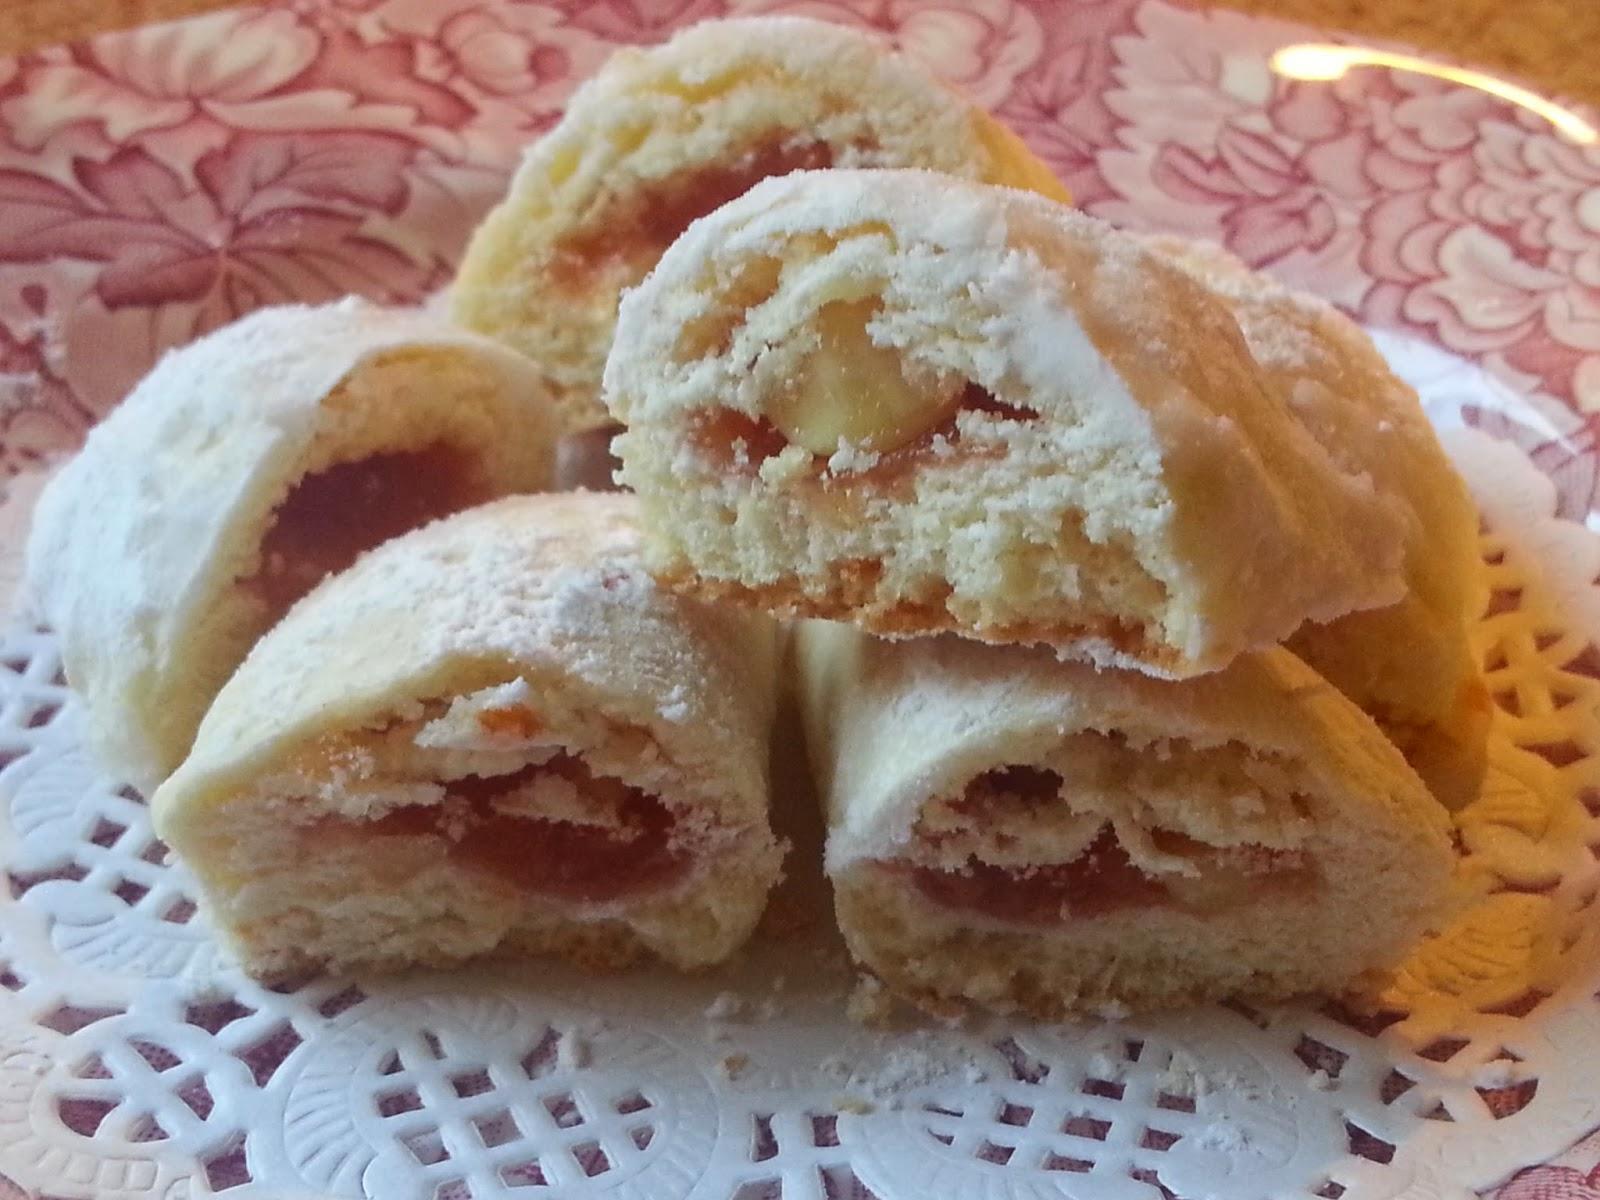 Fatemi cucinare tortellini dolci siciliani for Ricette dolci siciliani